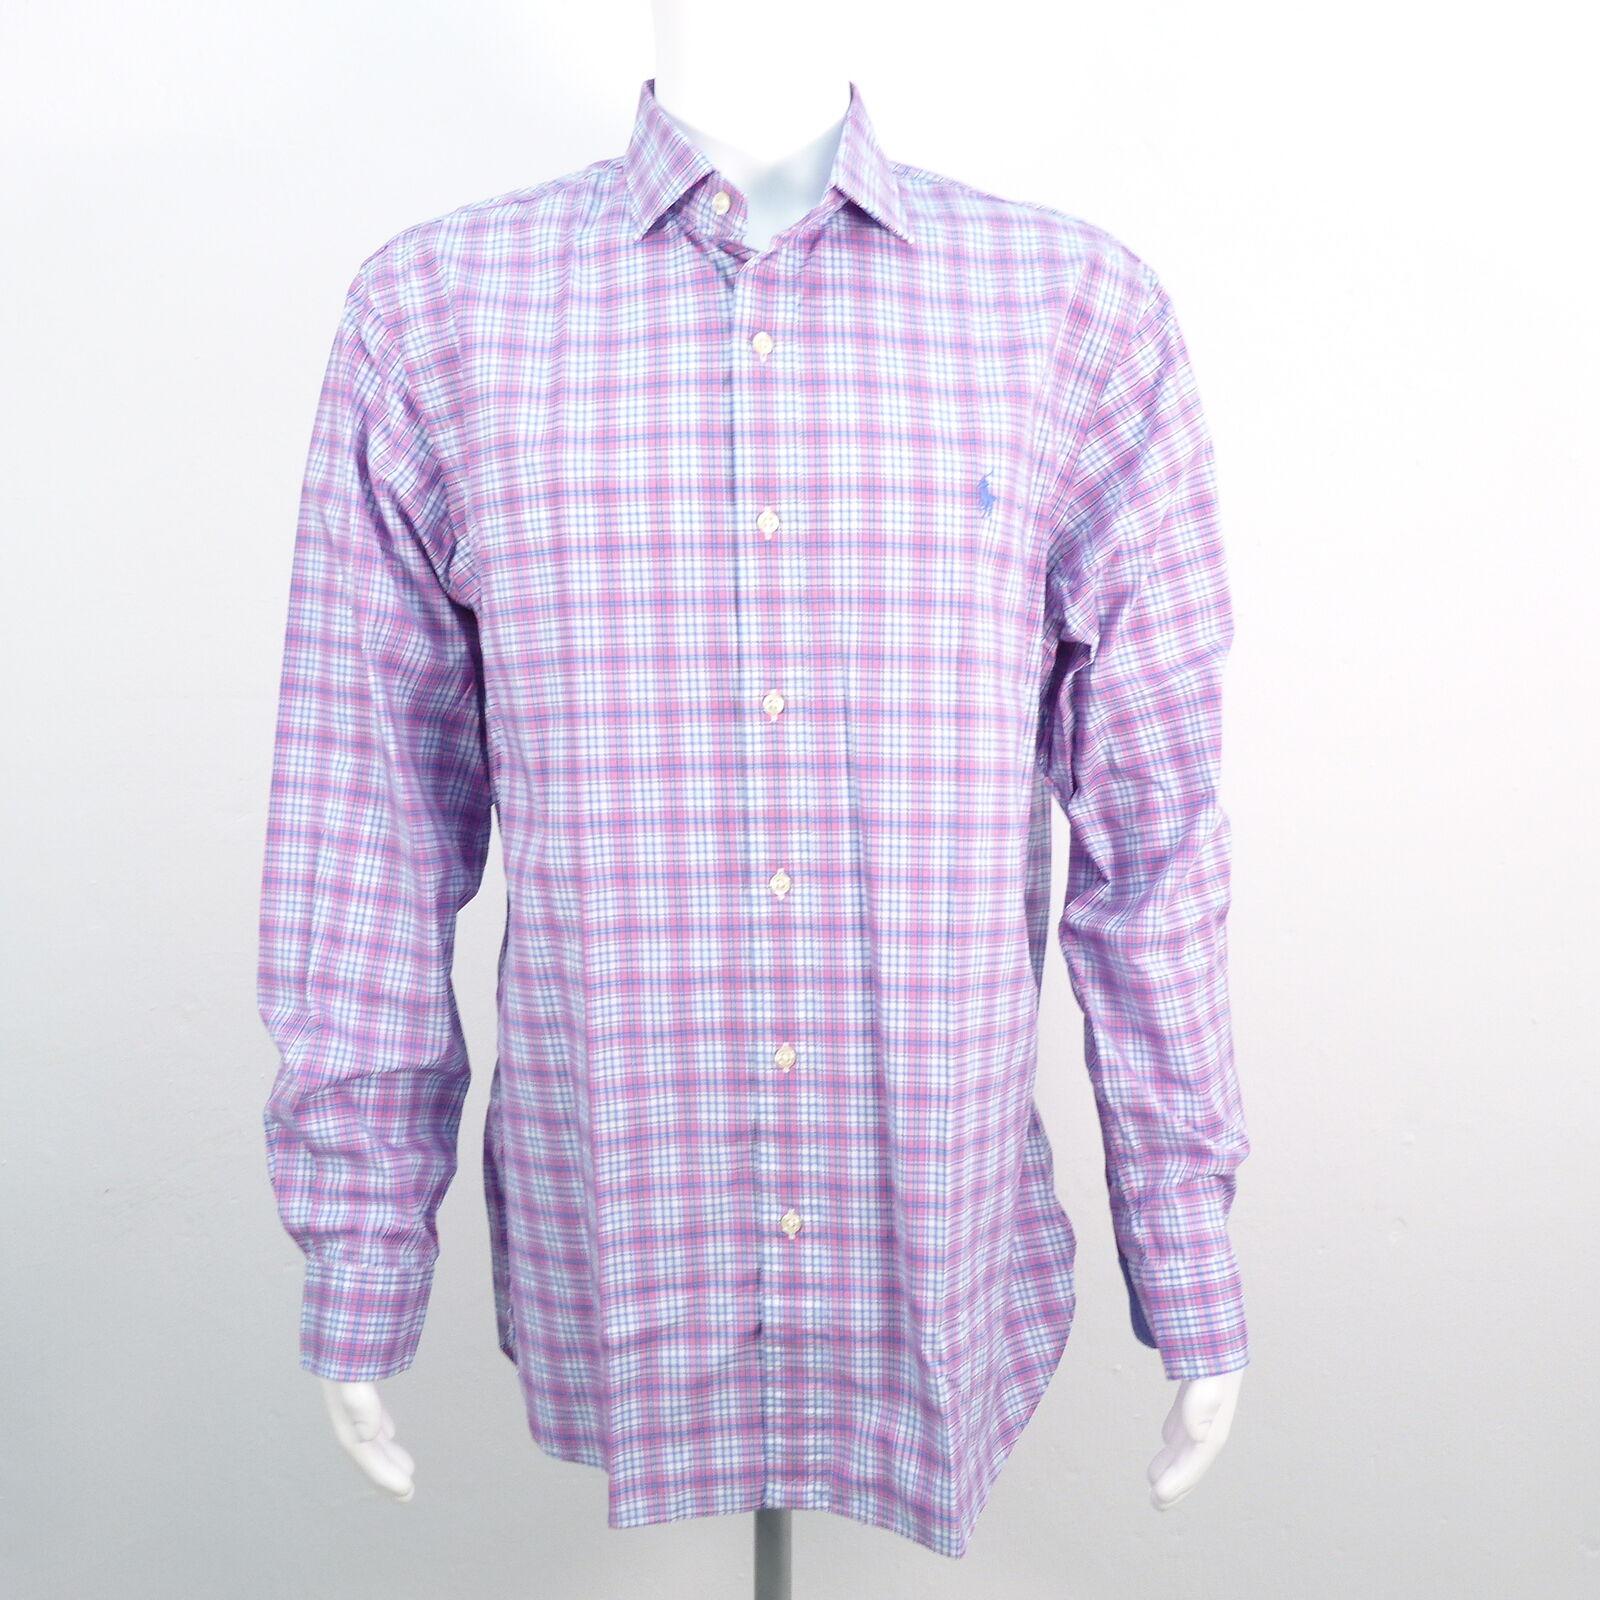 Ralph Lauren Polo Slim Fit 100% Coton Chemise Taille XL voiturereaux hommes Cotton Shi